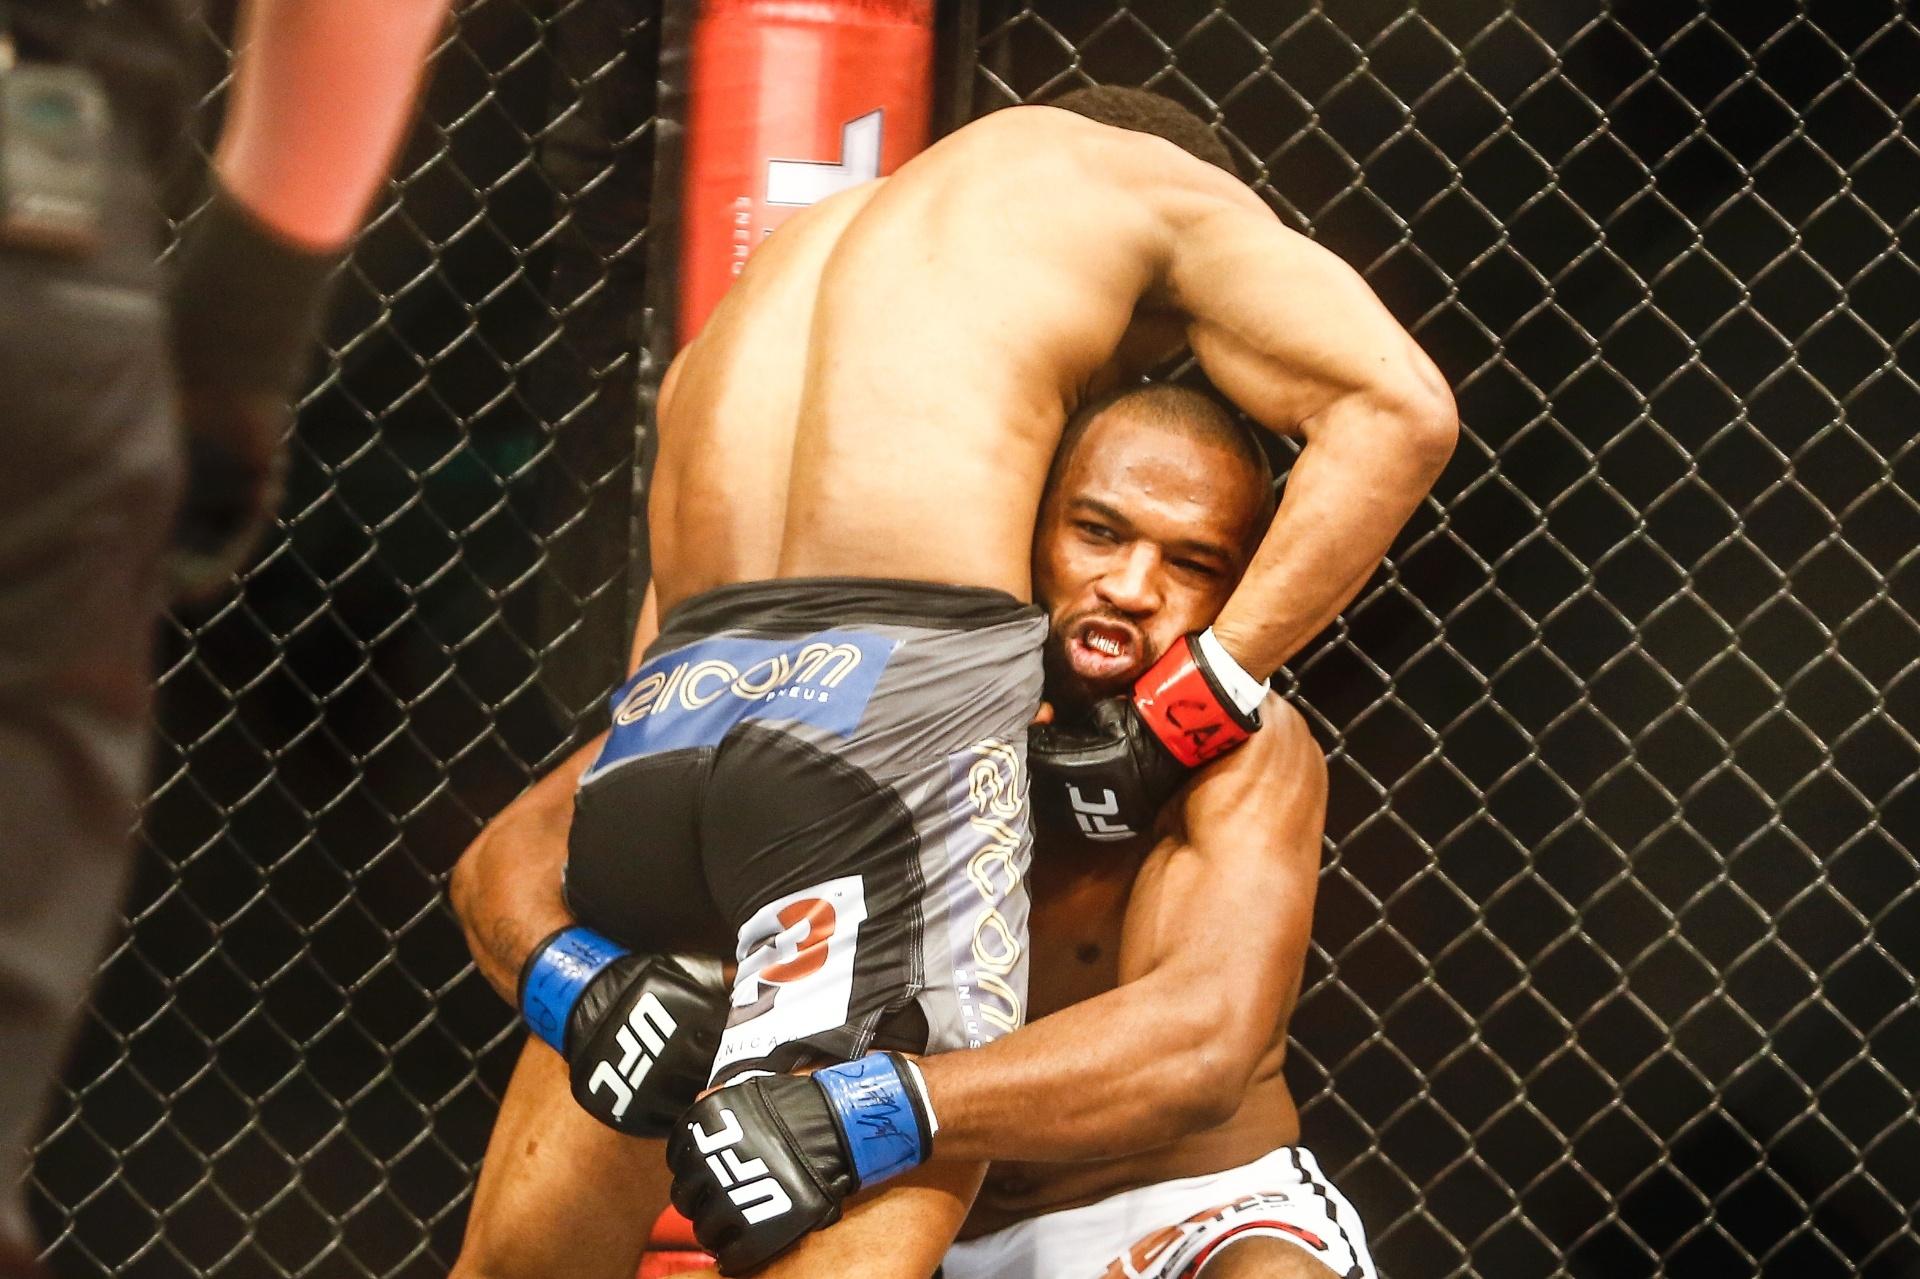 Francisco Massaranduba agarra e vence Leandro Buscapé no UFC Brasília